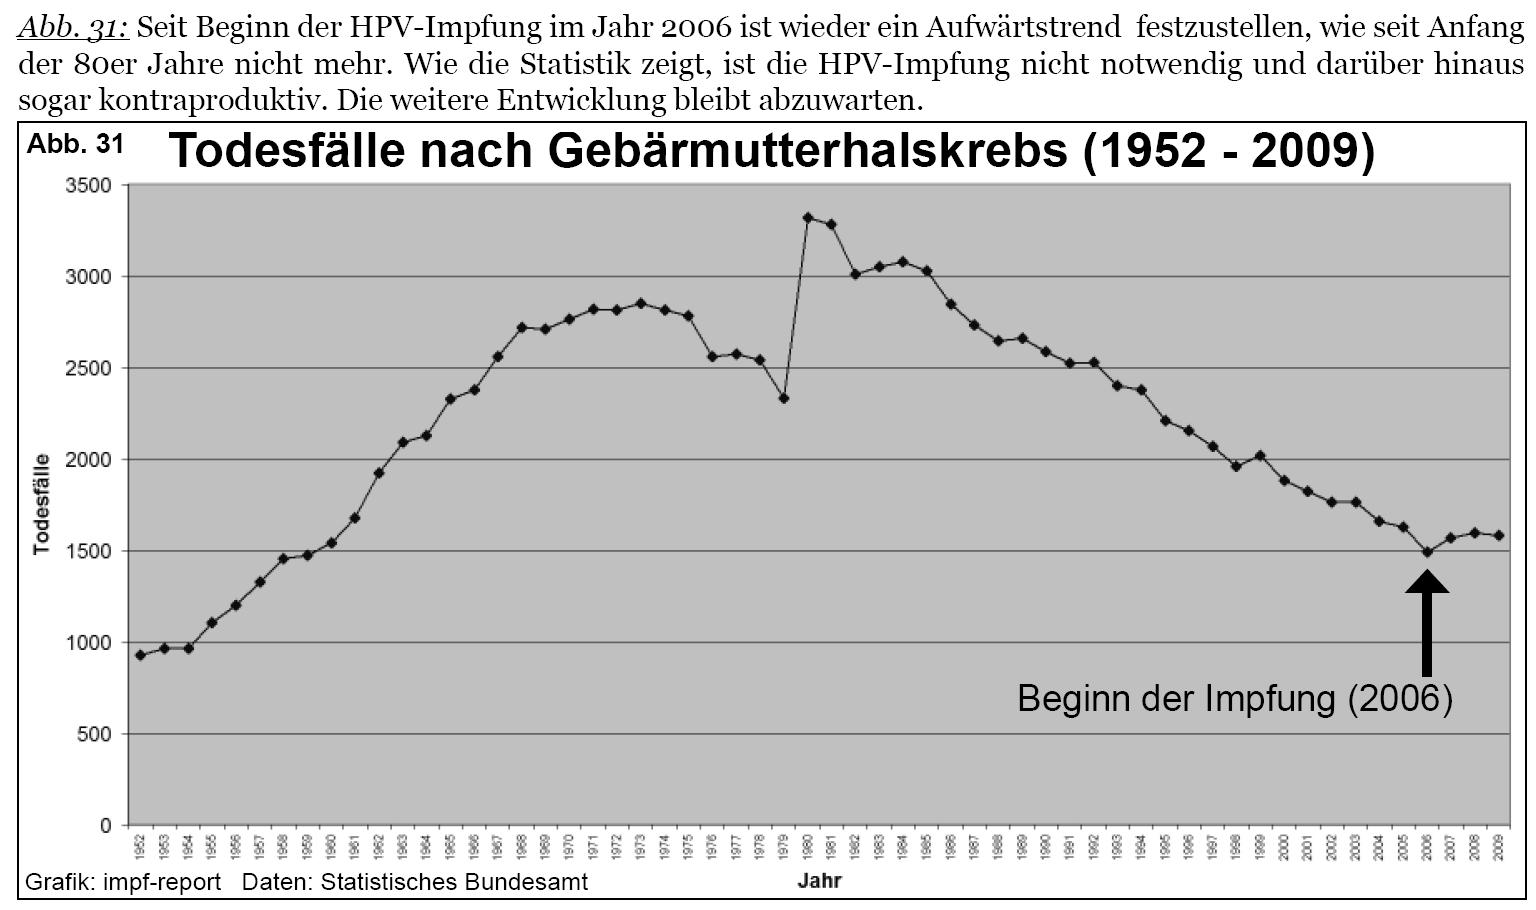 hpv impfung studien hallgatói horog